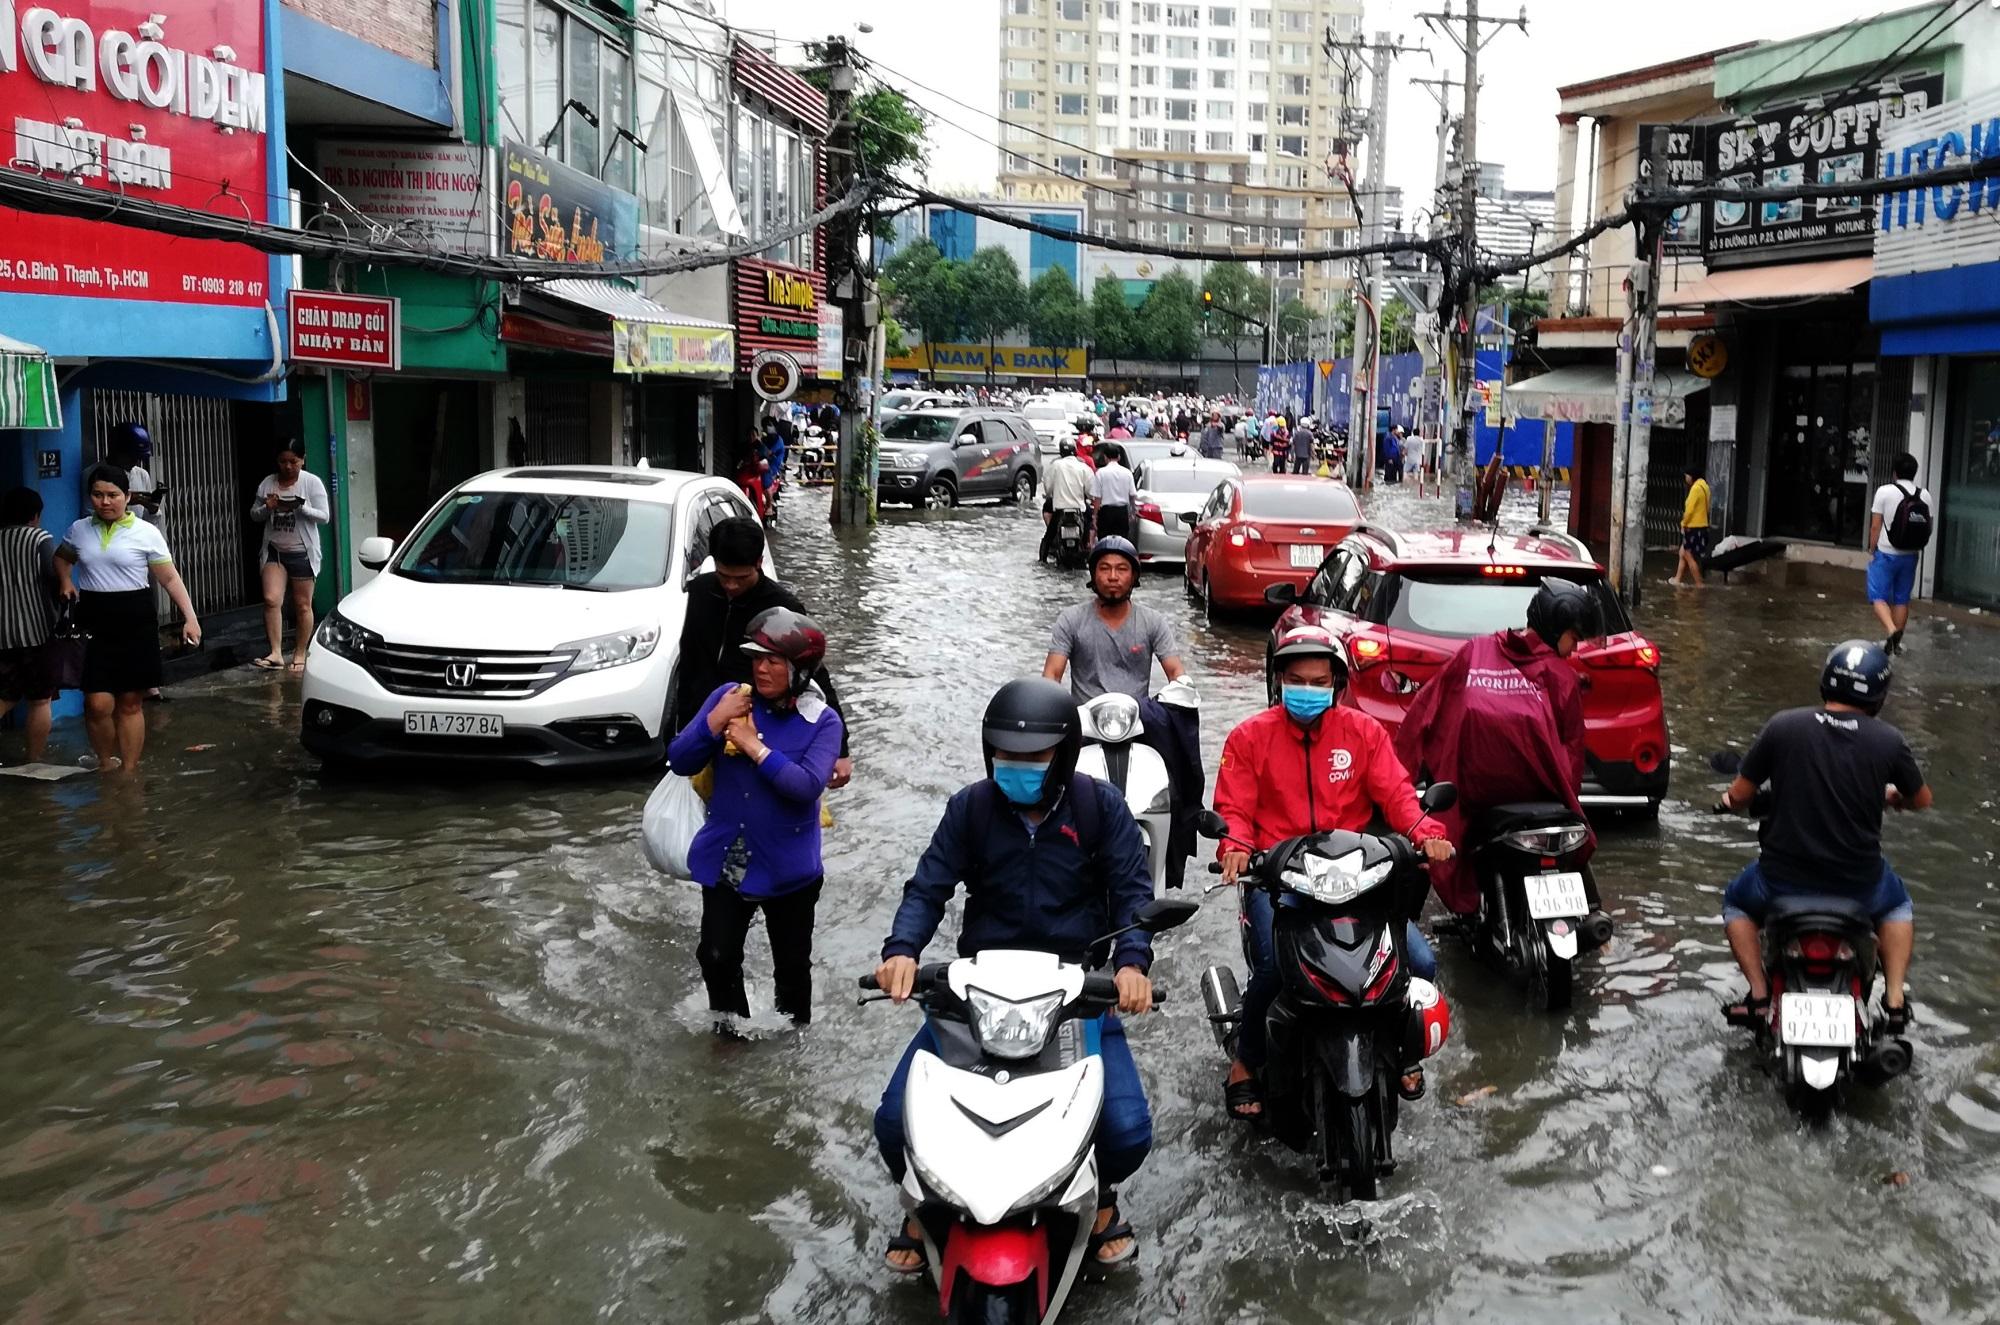 Sau một đêm tơi tả trong bão lịch sử, người Sài Gòn tiếp tục thở không ra hơi vì ngập nước kẹt xe nhiều giờ - Ảnh 9